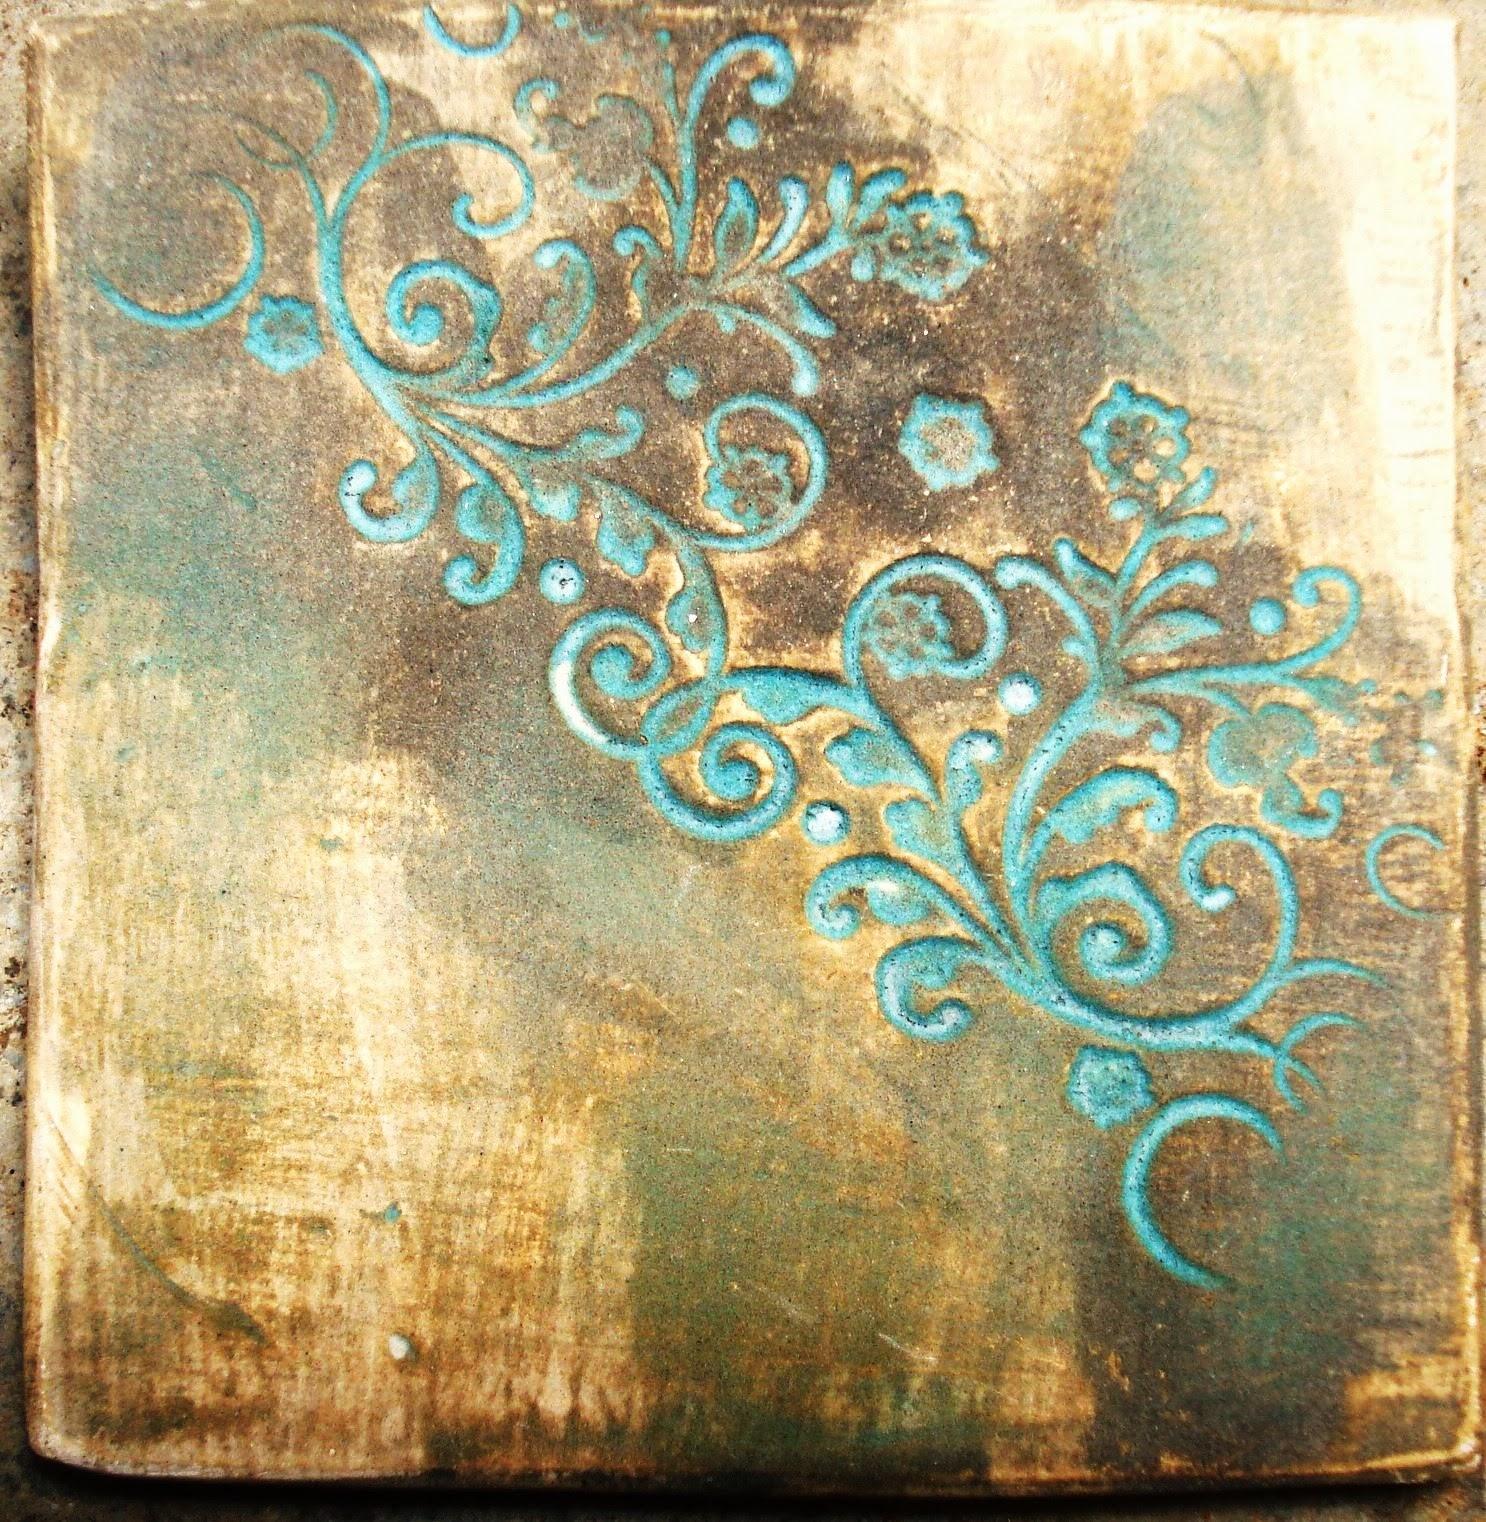 Lu le o ceramista e pesquisadora t cnicas decorativas - Tecnicas decorativas ...